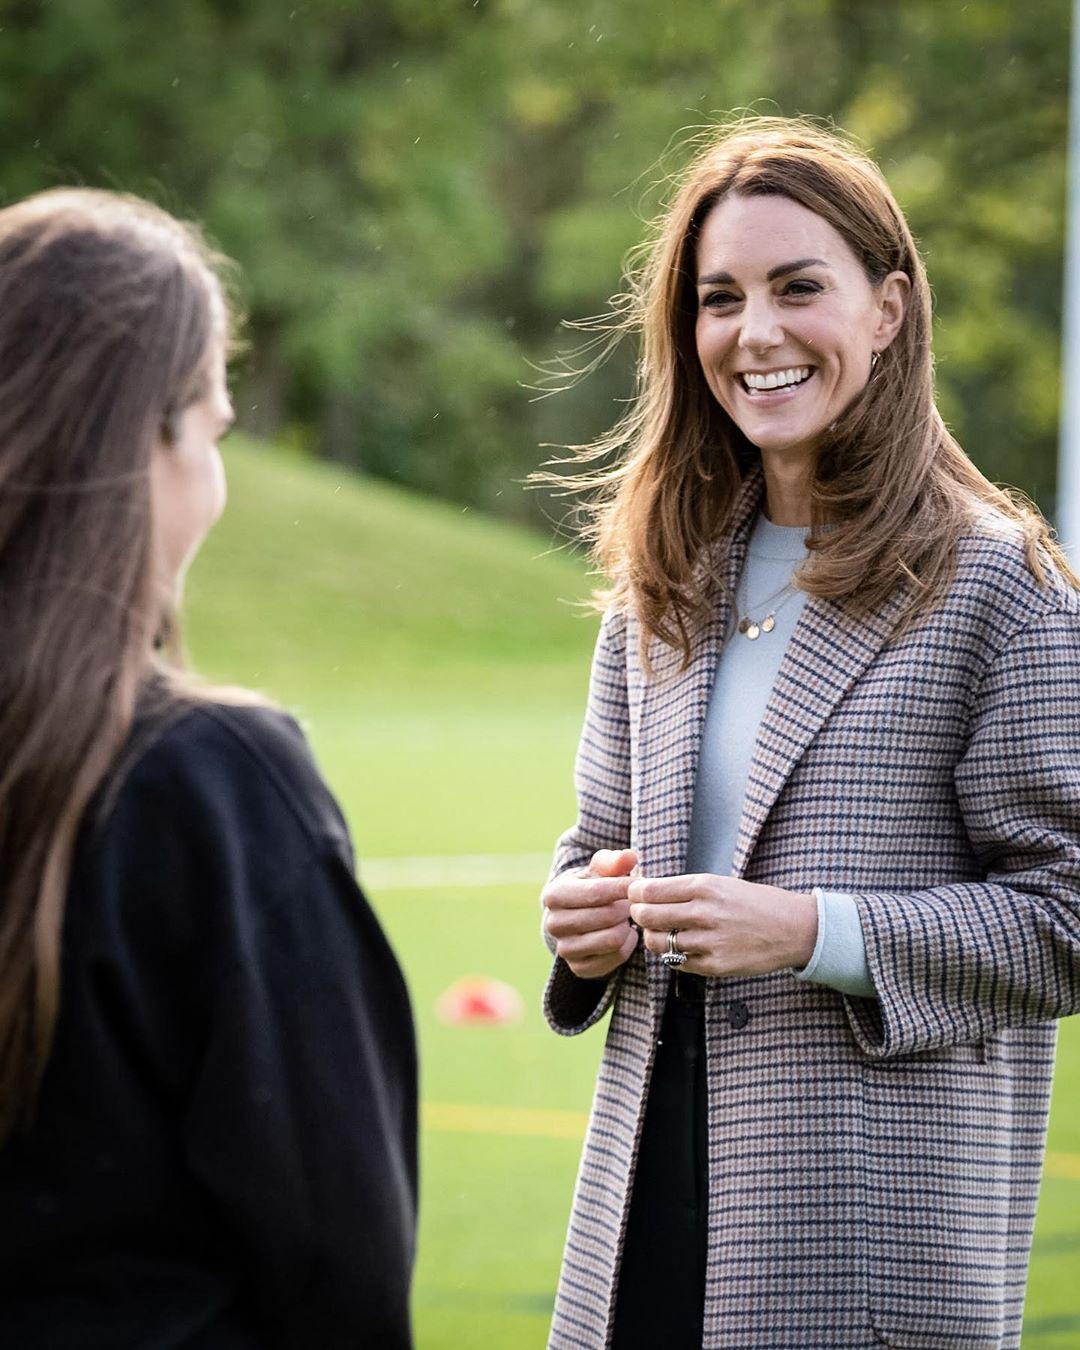 Клетчатое пальто и кашемировый свитер: Кейт Миддлтон показывает, как носить модную одежду этой осенью